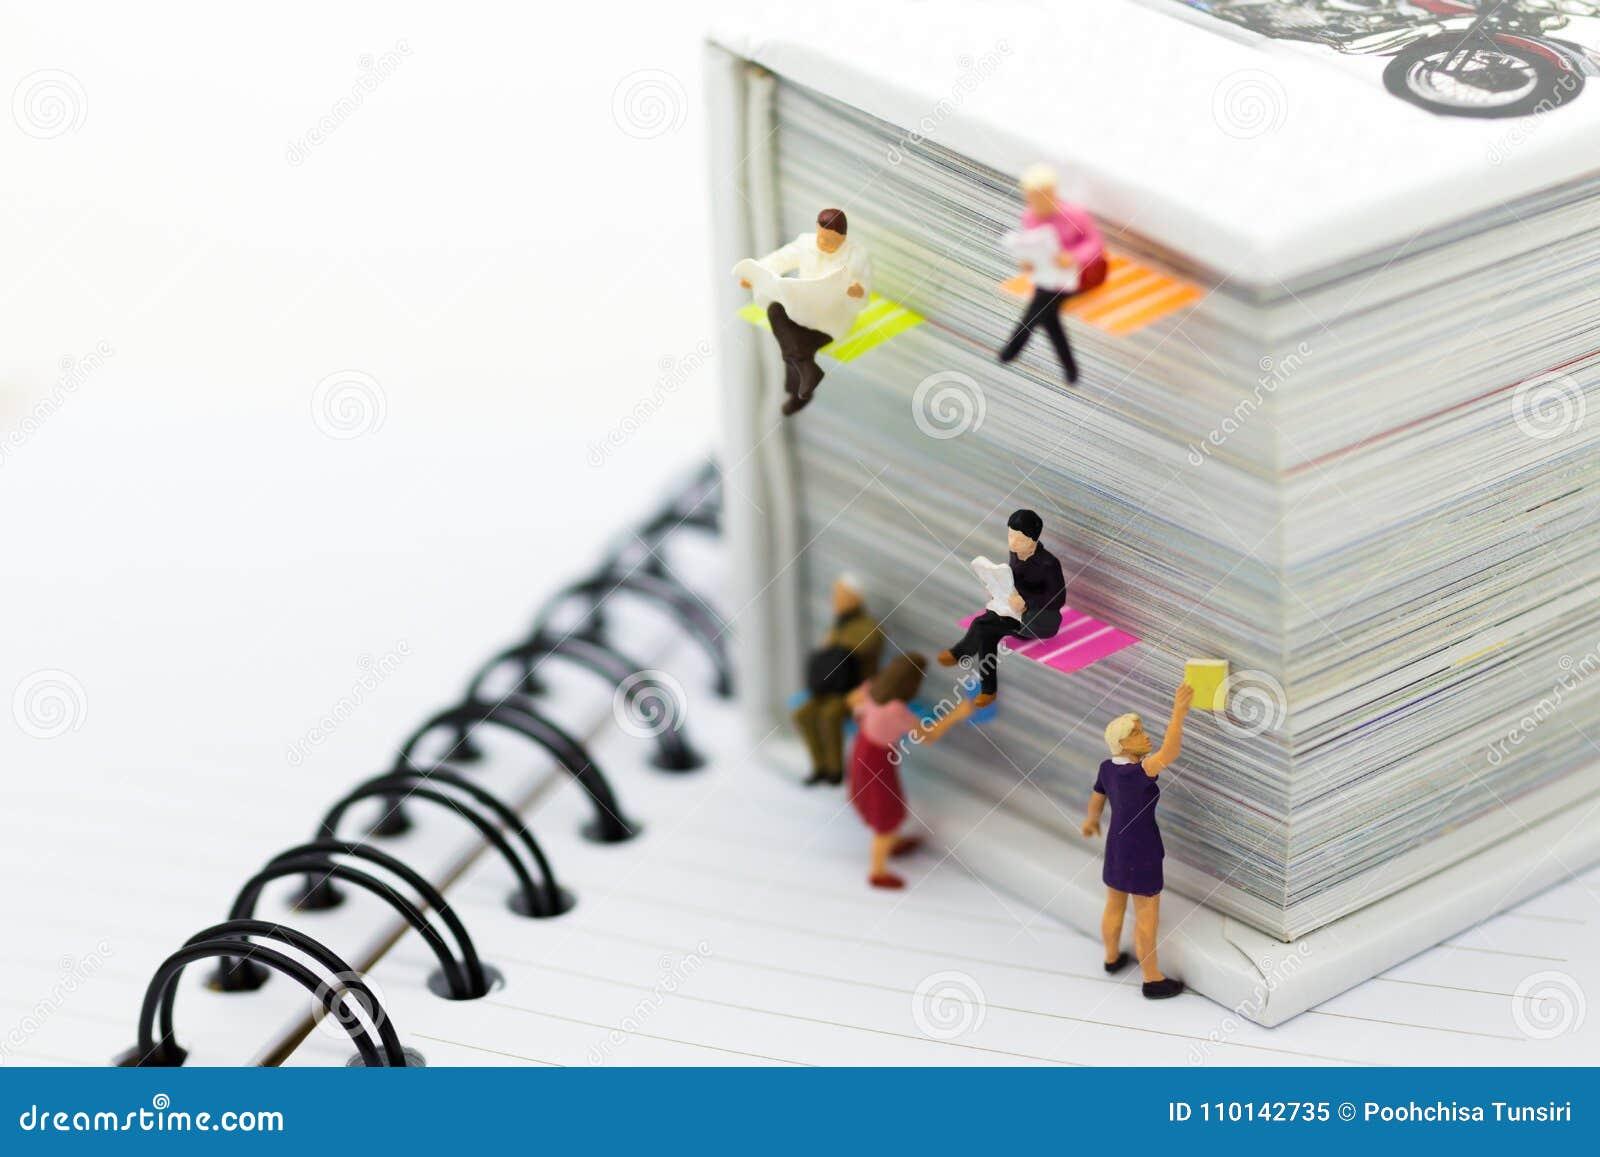 Povos diminutos: jornal da leitura do homem de negócios em um livro grande Uso da imagem para a educação do fundo ou o conceito d